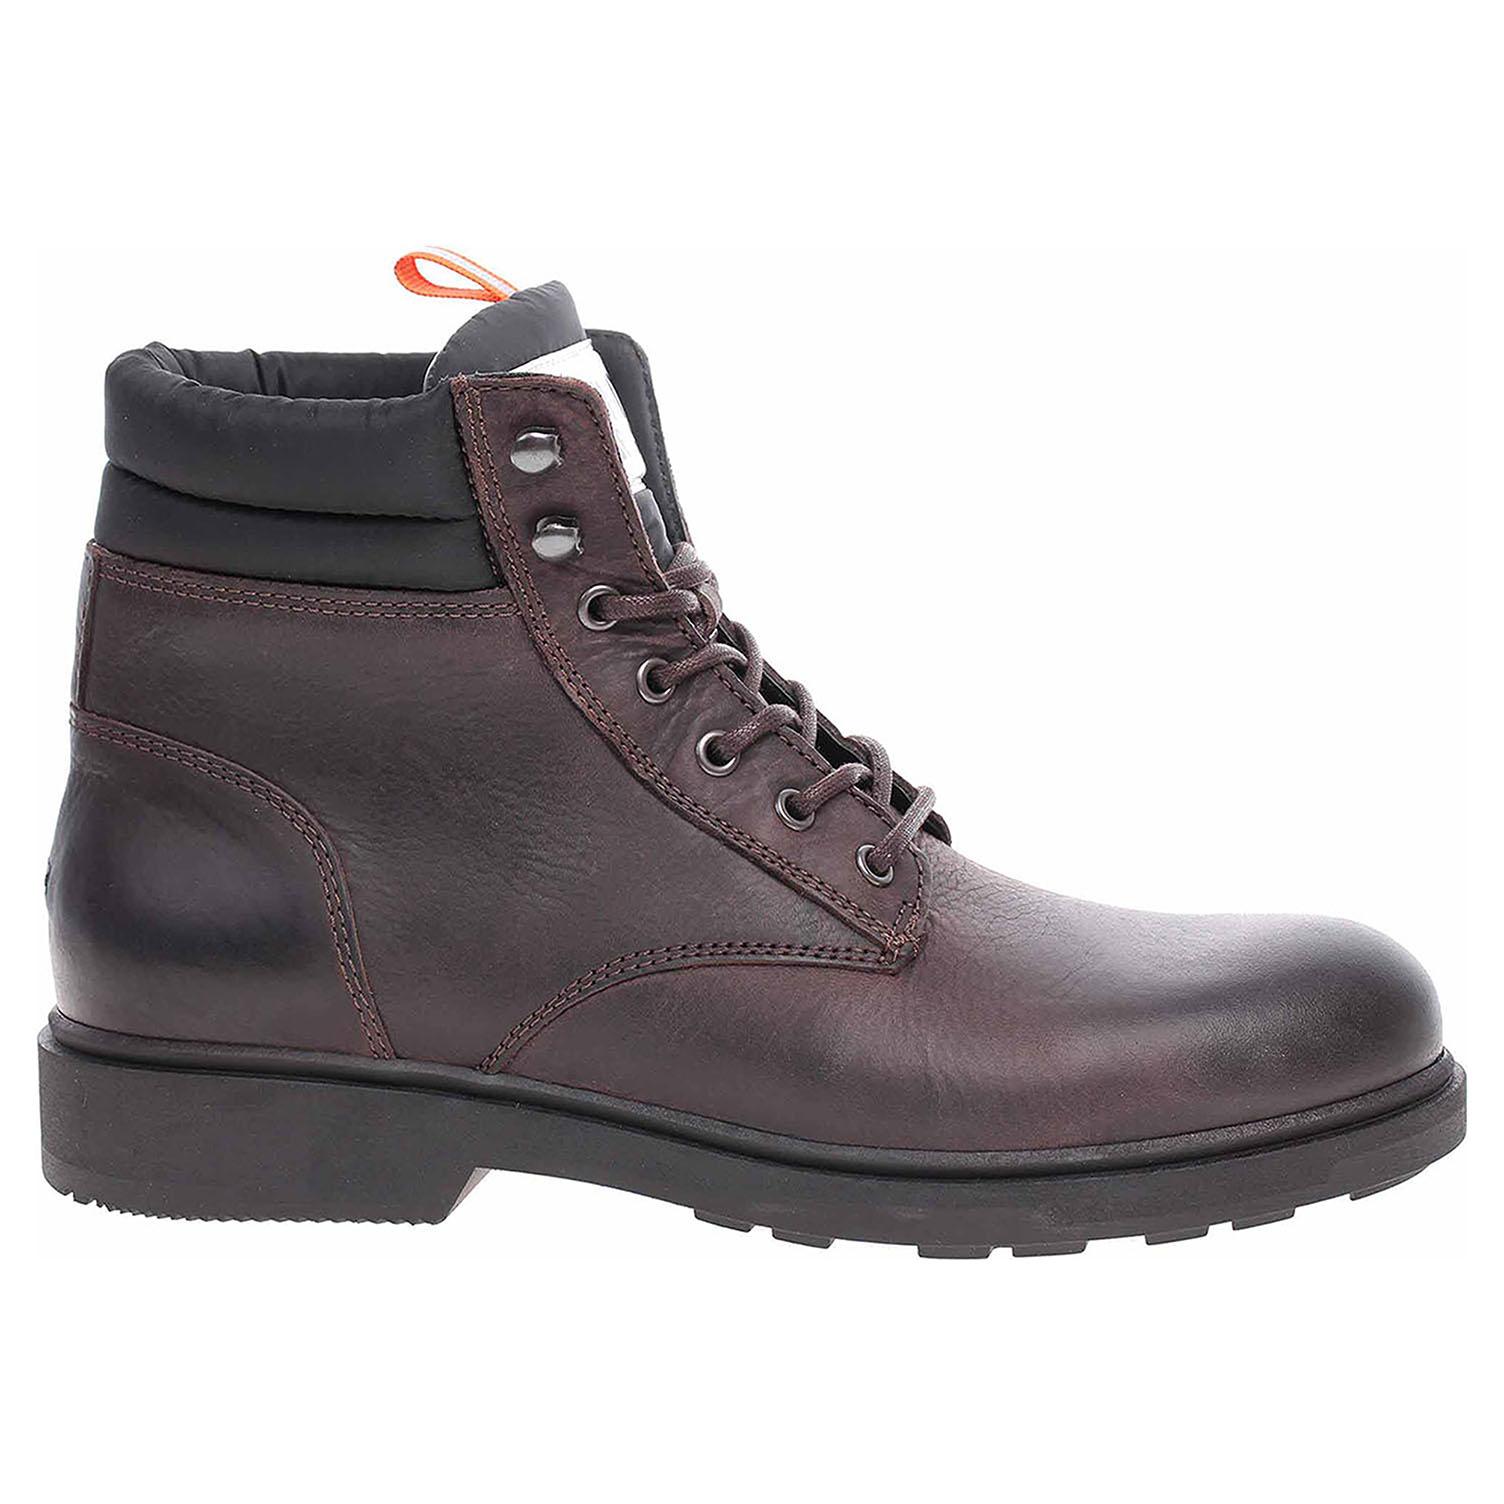 Pánská kotníková obuv Tommy Hilfiger EM0EM00314 212 coffee bean EM0EM00314 212 41